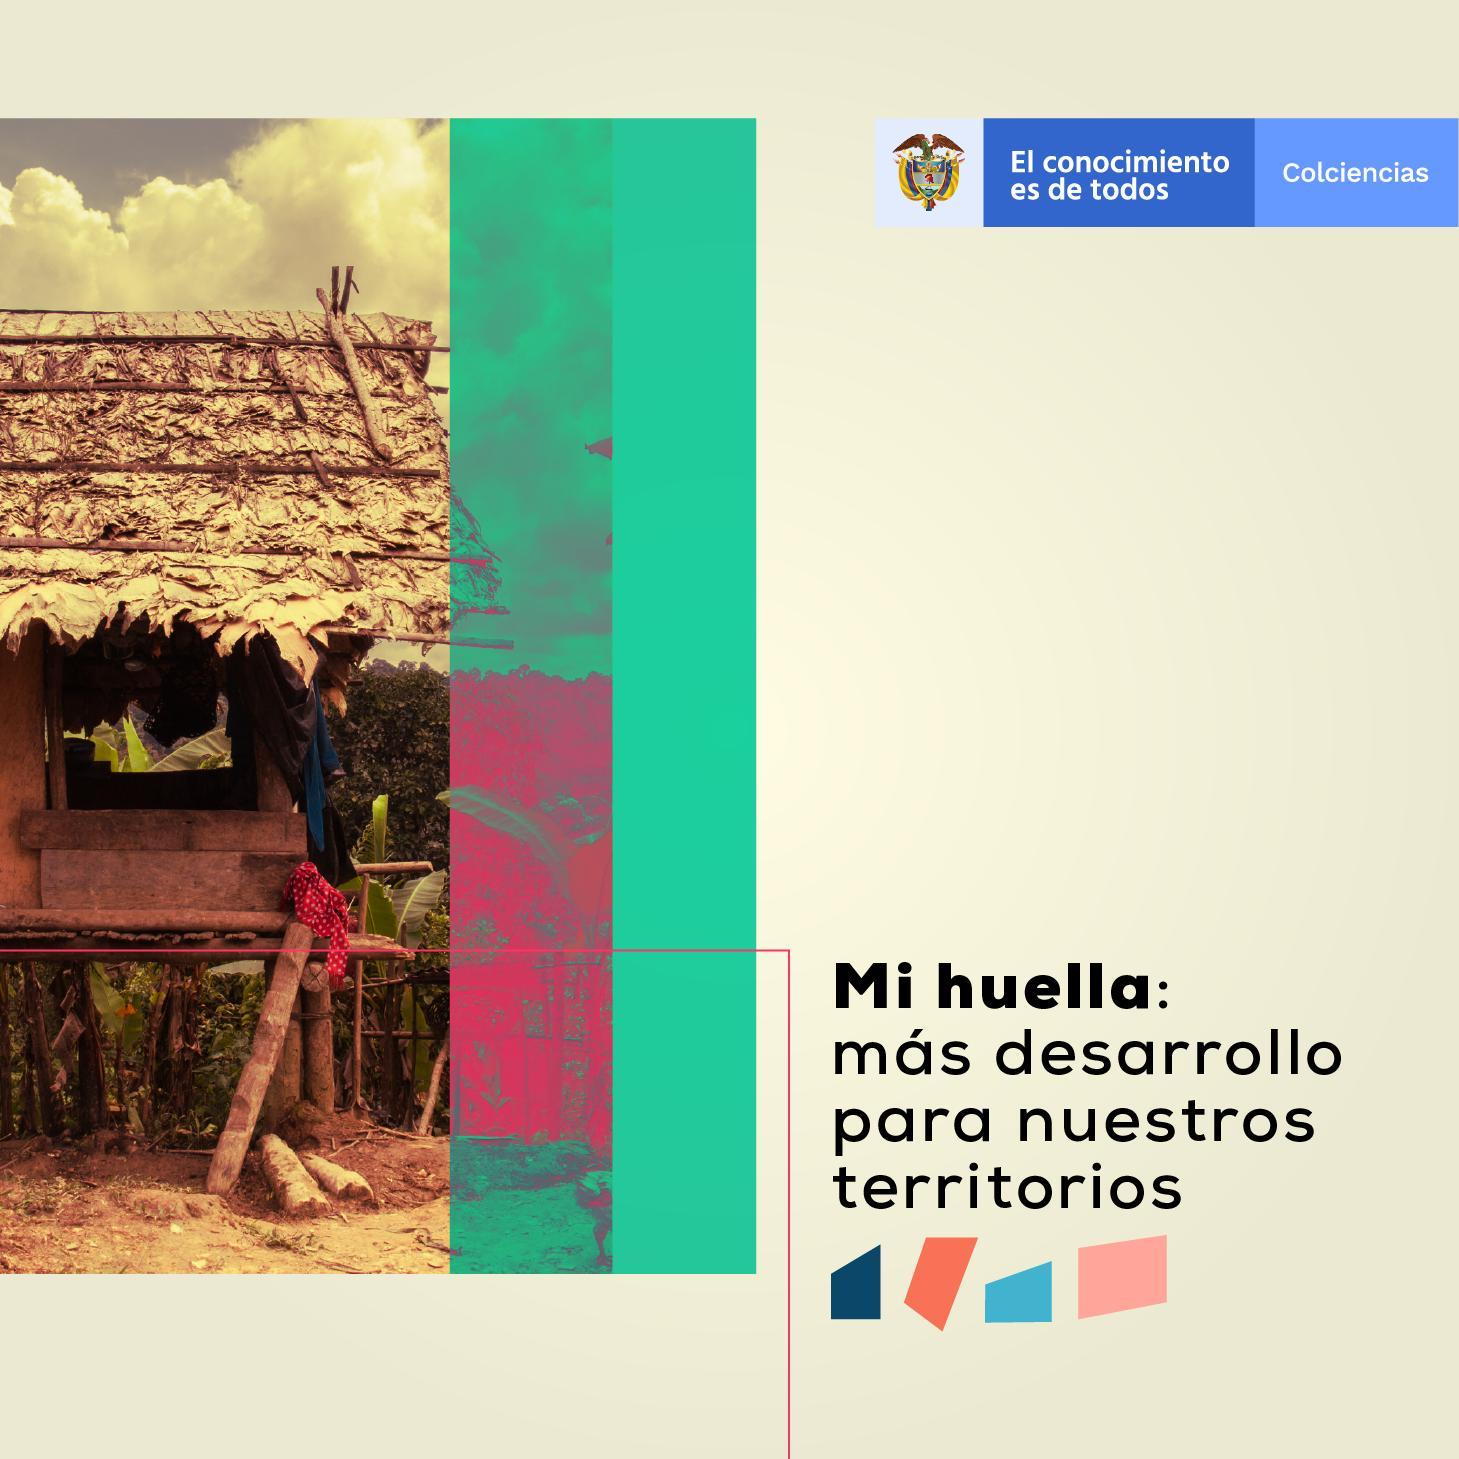 Convocatoria para la conformación de un listado de propuestas de proyectos elegibles proyectos elegibles para apropiación social de la CTeI y vocaciones para la consolidación de una sociedad del conocimiento de los territorios